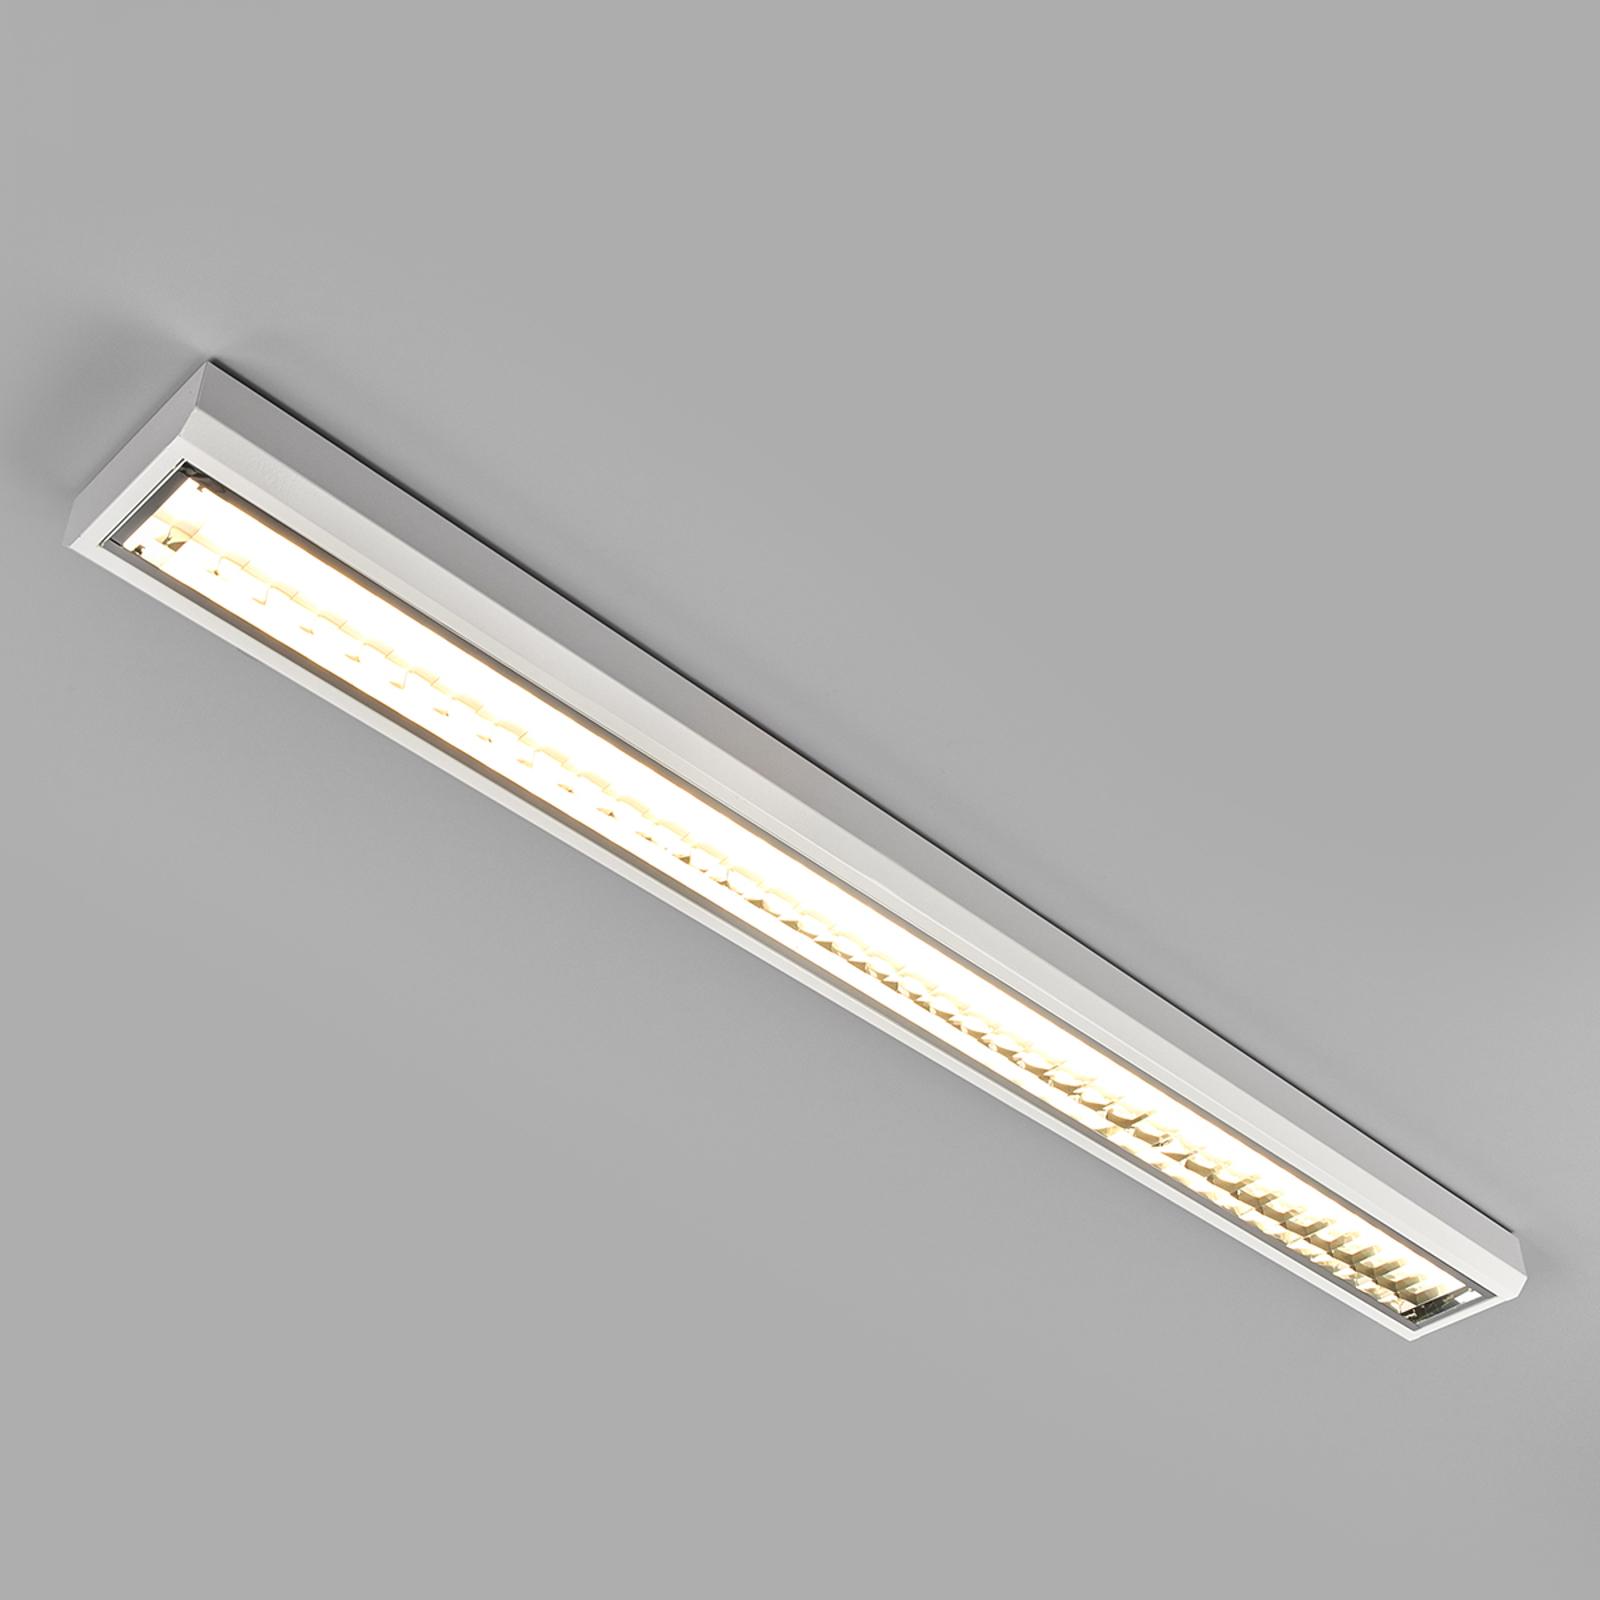 LED-gitter påbygningsarmatur t. kontor, 33W,4.000K